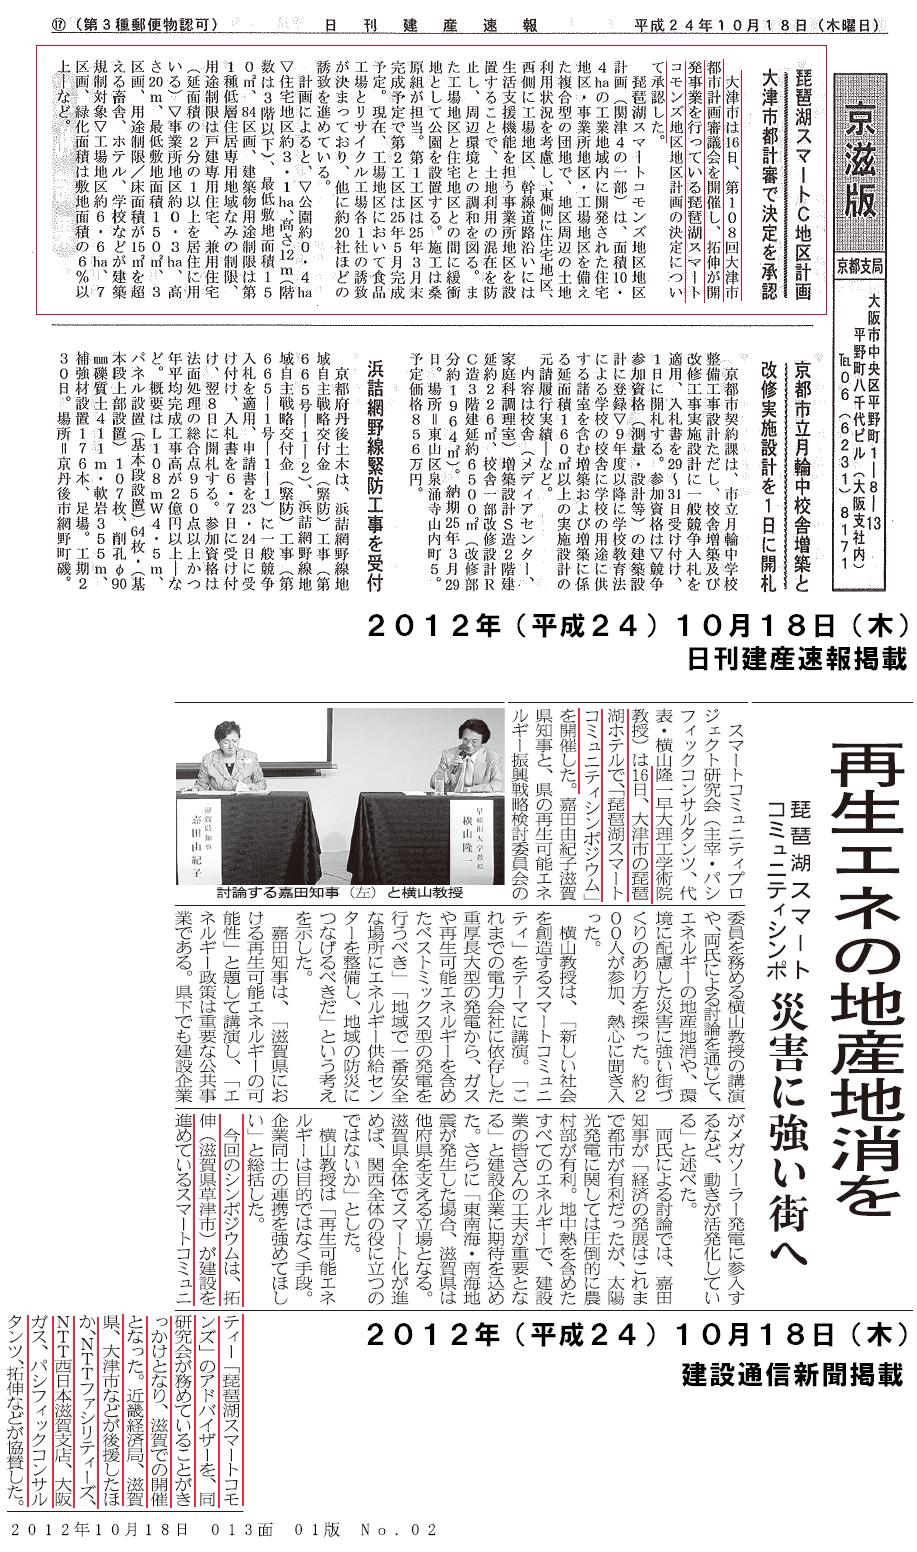 『スマートコミュニティ・琵琶湖スマートコモンズ』掲載のご報告-9_b0215856_1873779.png